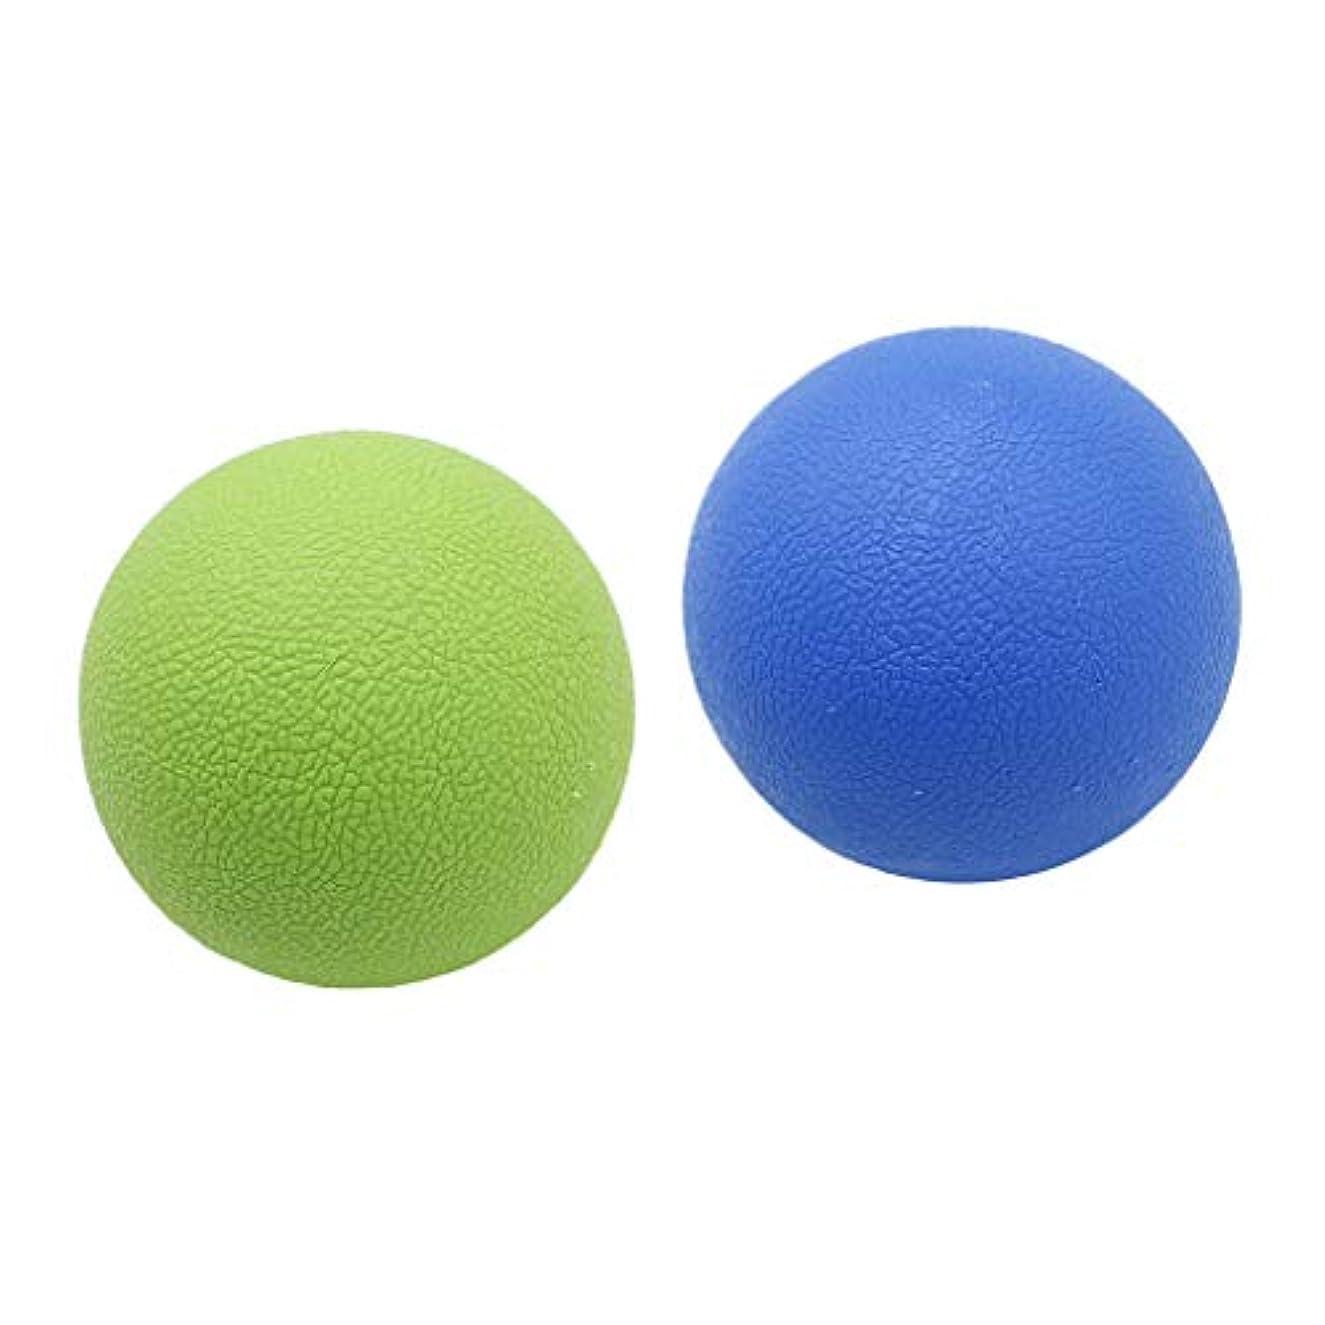 伝統ジャグリングスナップHellery 2個 マッサージボール ラクロスボール トリガーポイント 弾性TPE 健康グッズ ブルーグリーン